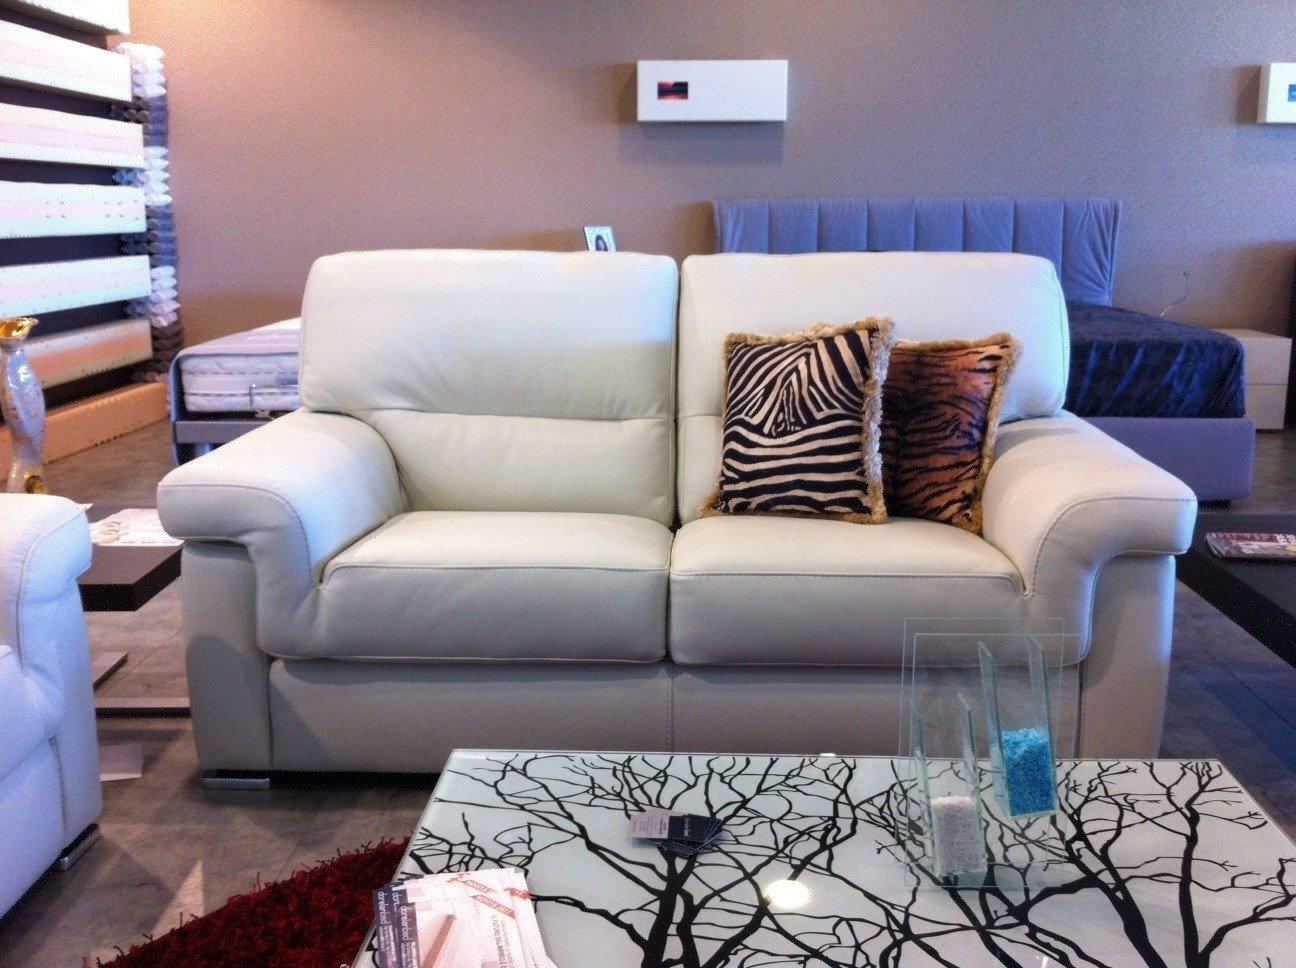 Offerta divano in pelle 3335 divani a prezzi scontati for Offerta divano